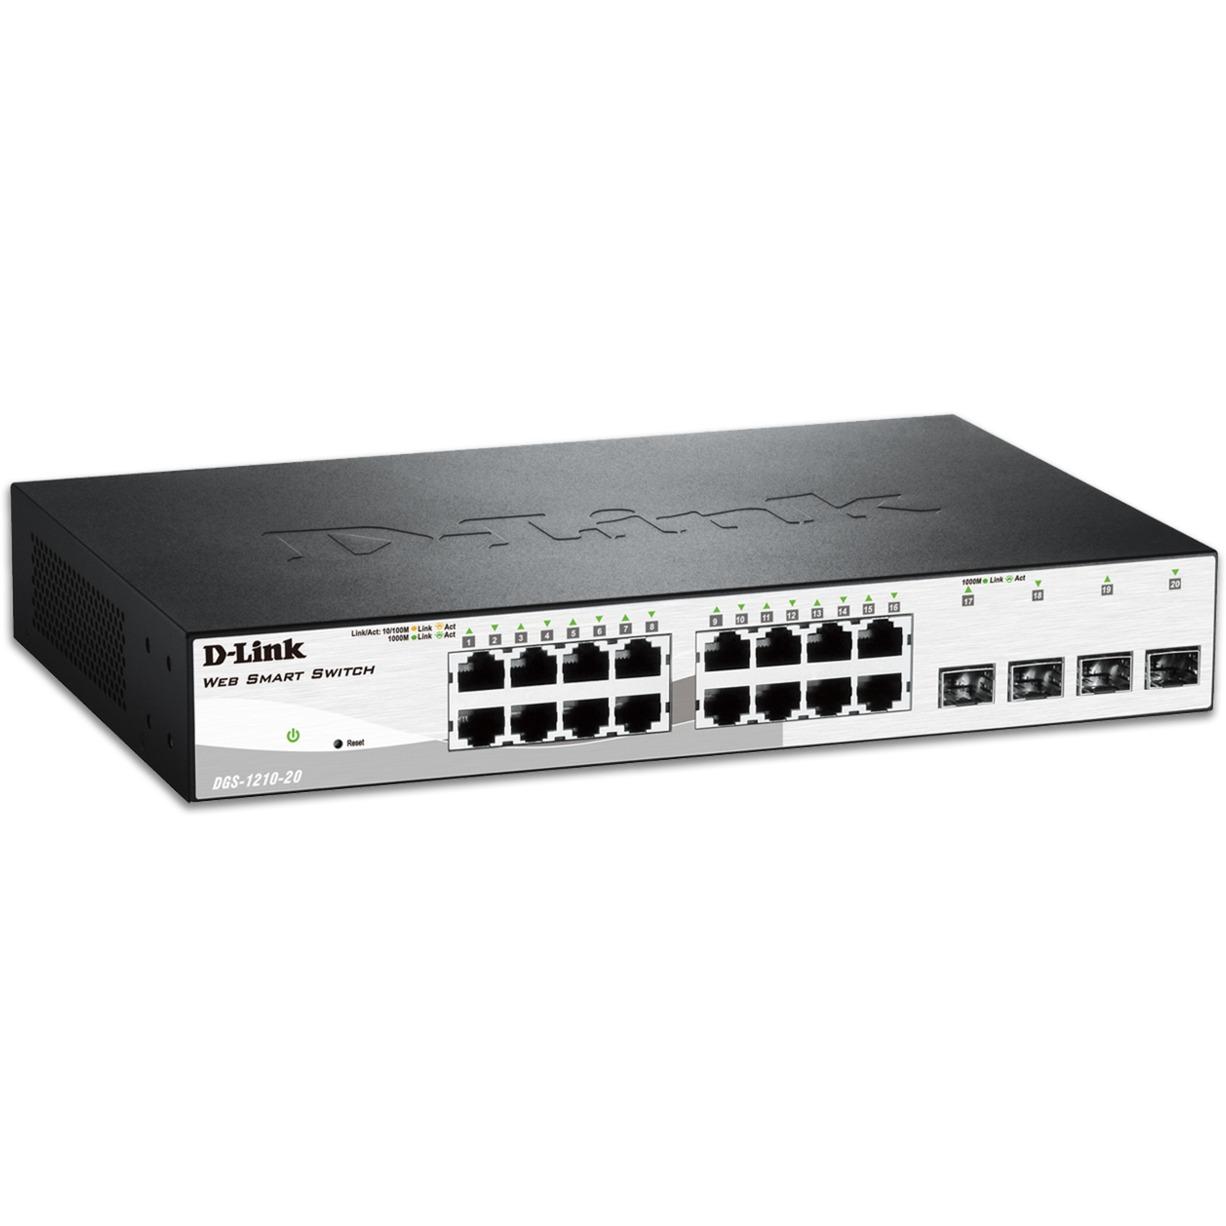 DGS-1210-20 Managed network switch L2 1U Noir commutateur réseau